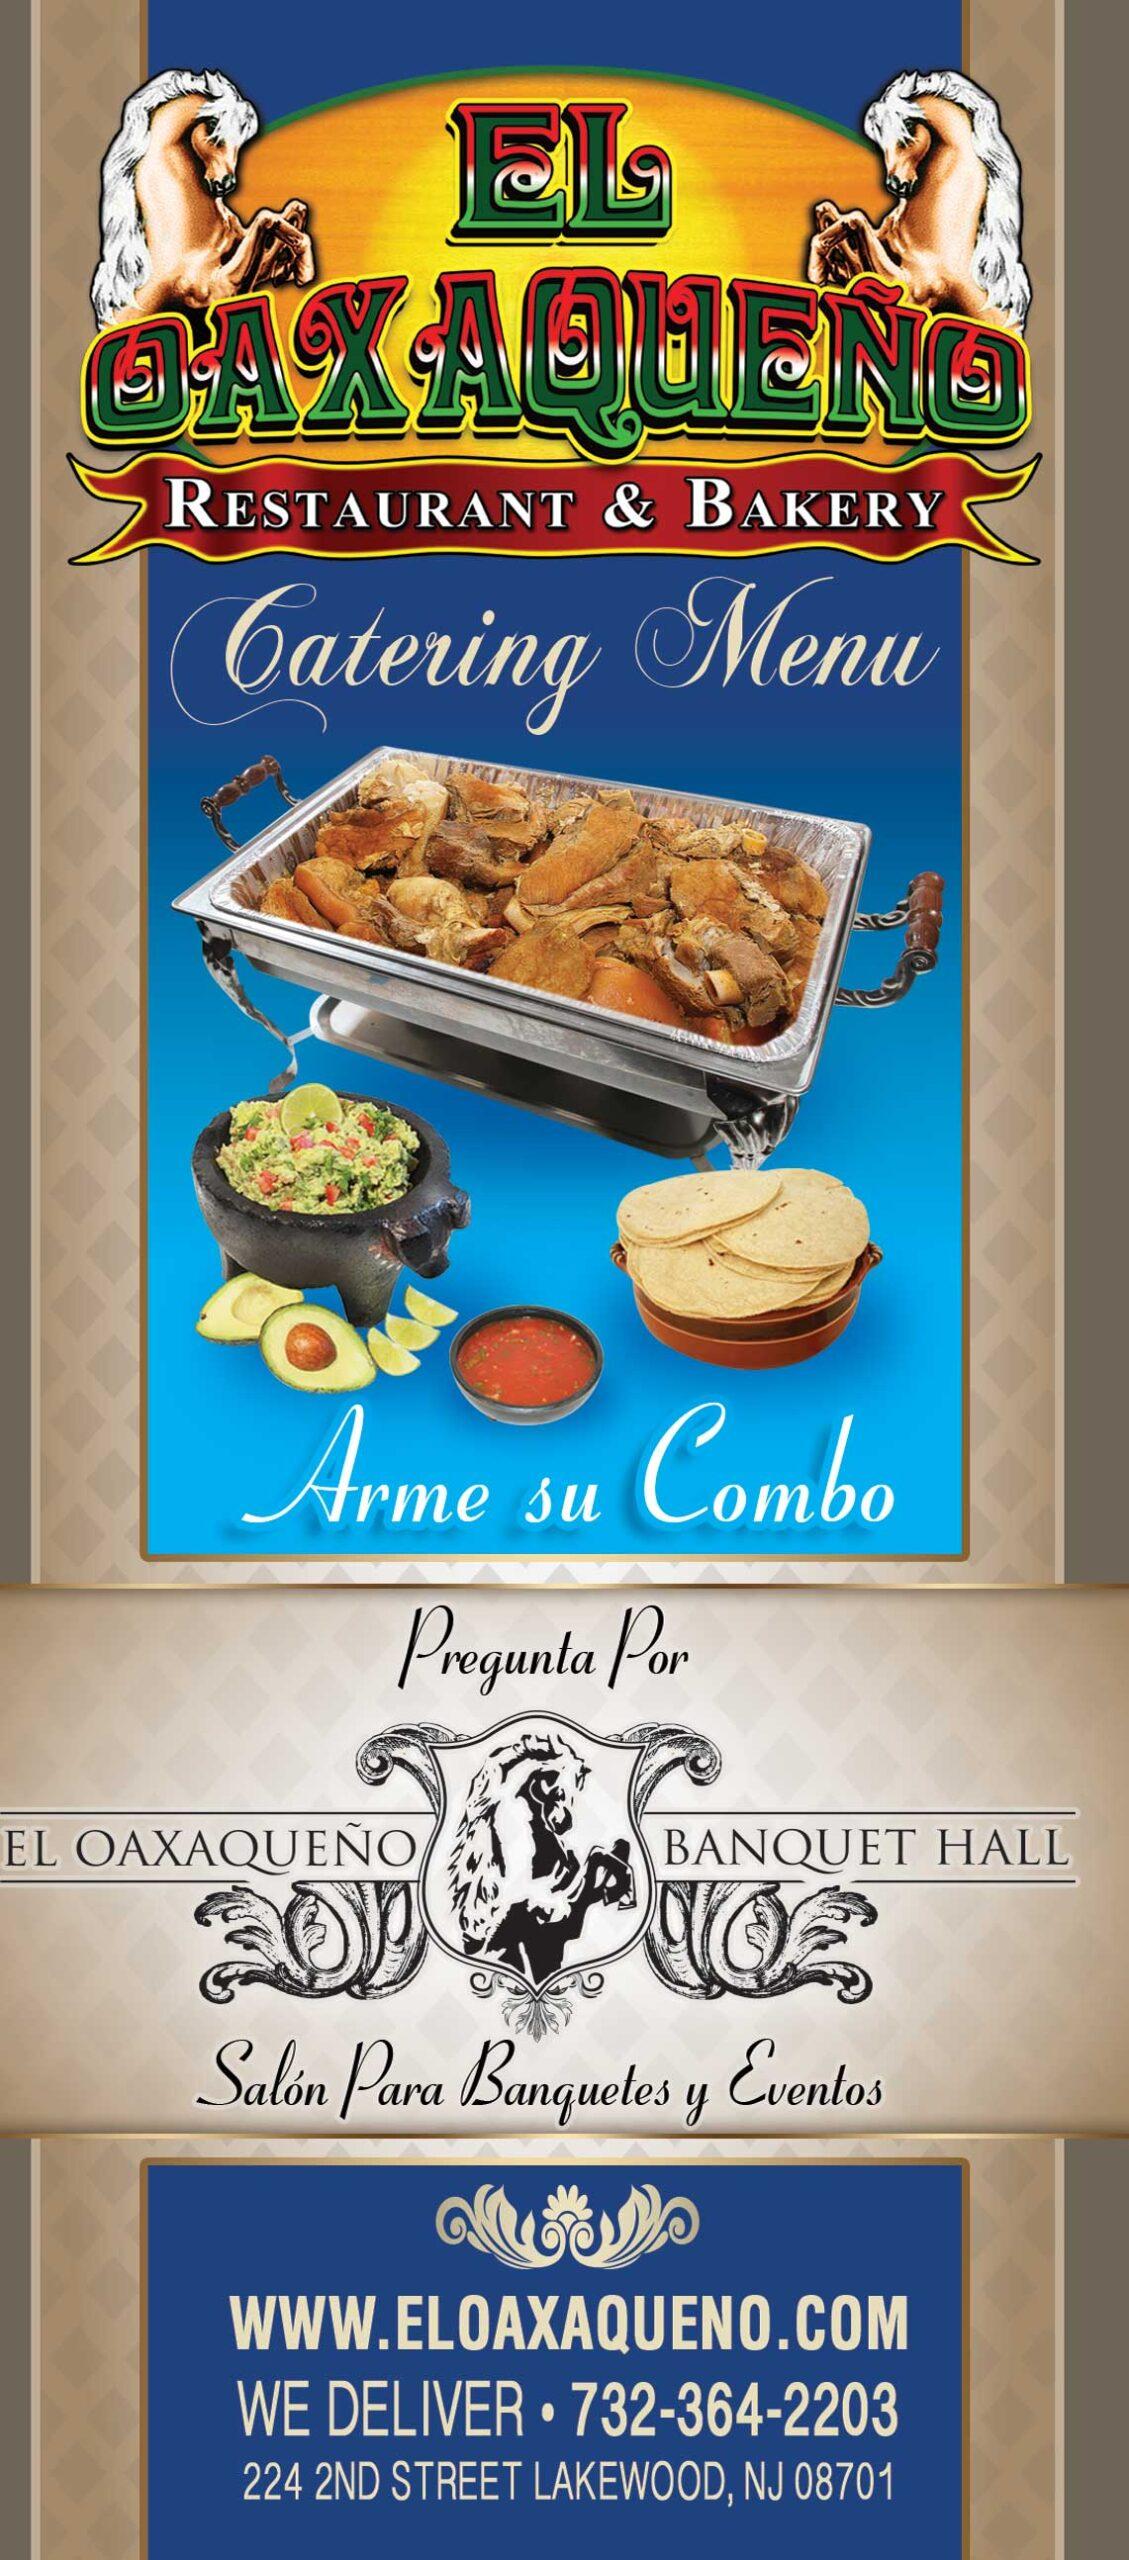 Oaxaqueno-Catering-Menu-Page-1